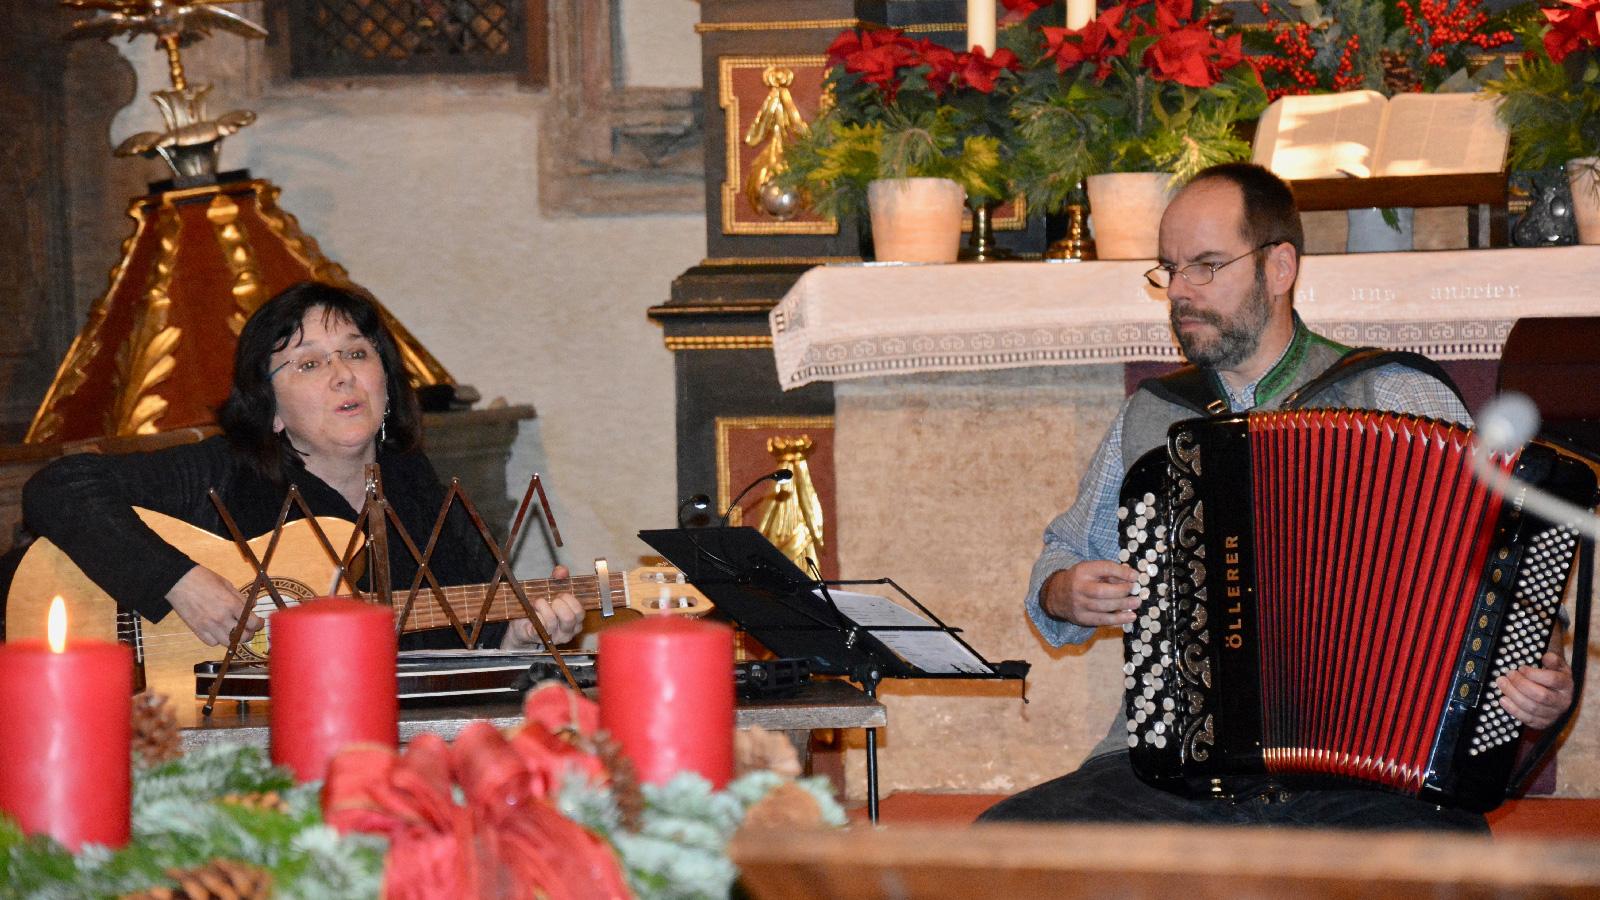 Gitarre, Zither, Akkordeon und Steirische: Anita und Karlheinz Leipold gefielen mit dezenten Klängen und perfektem Zusammenspiel.